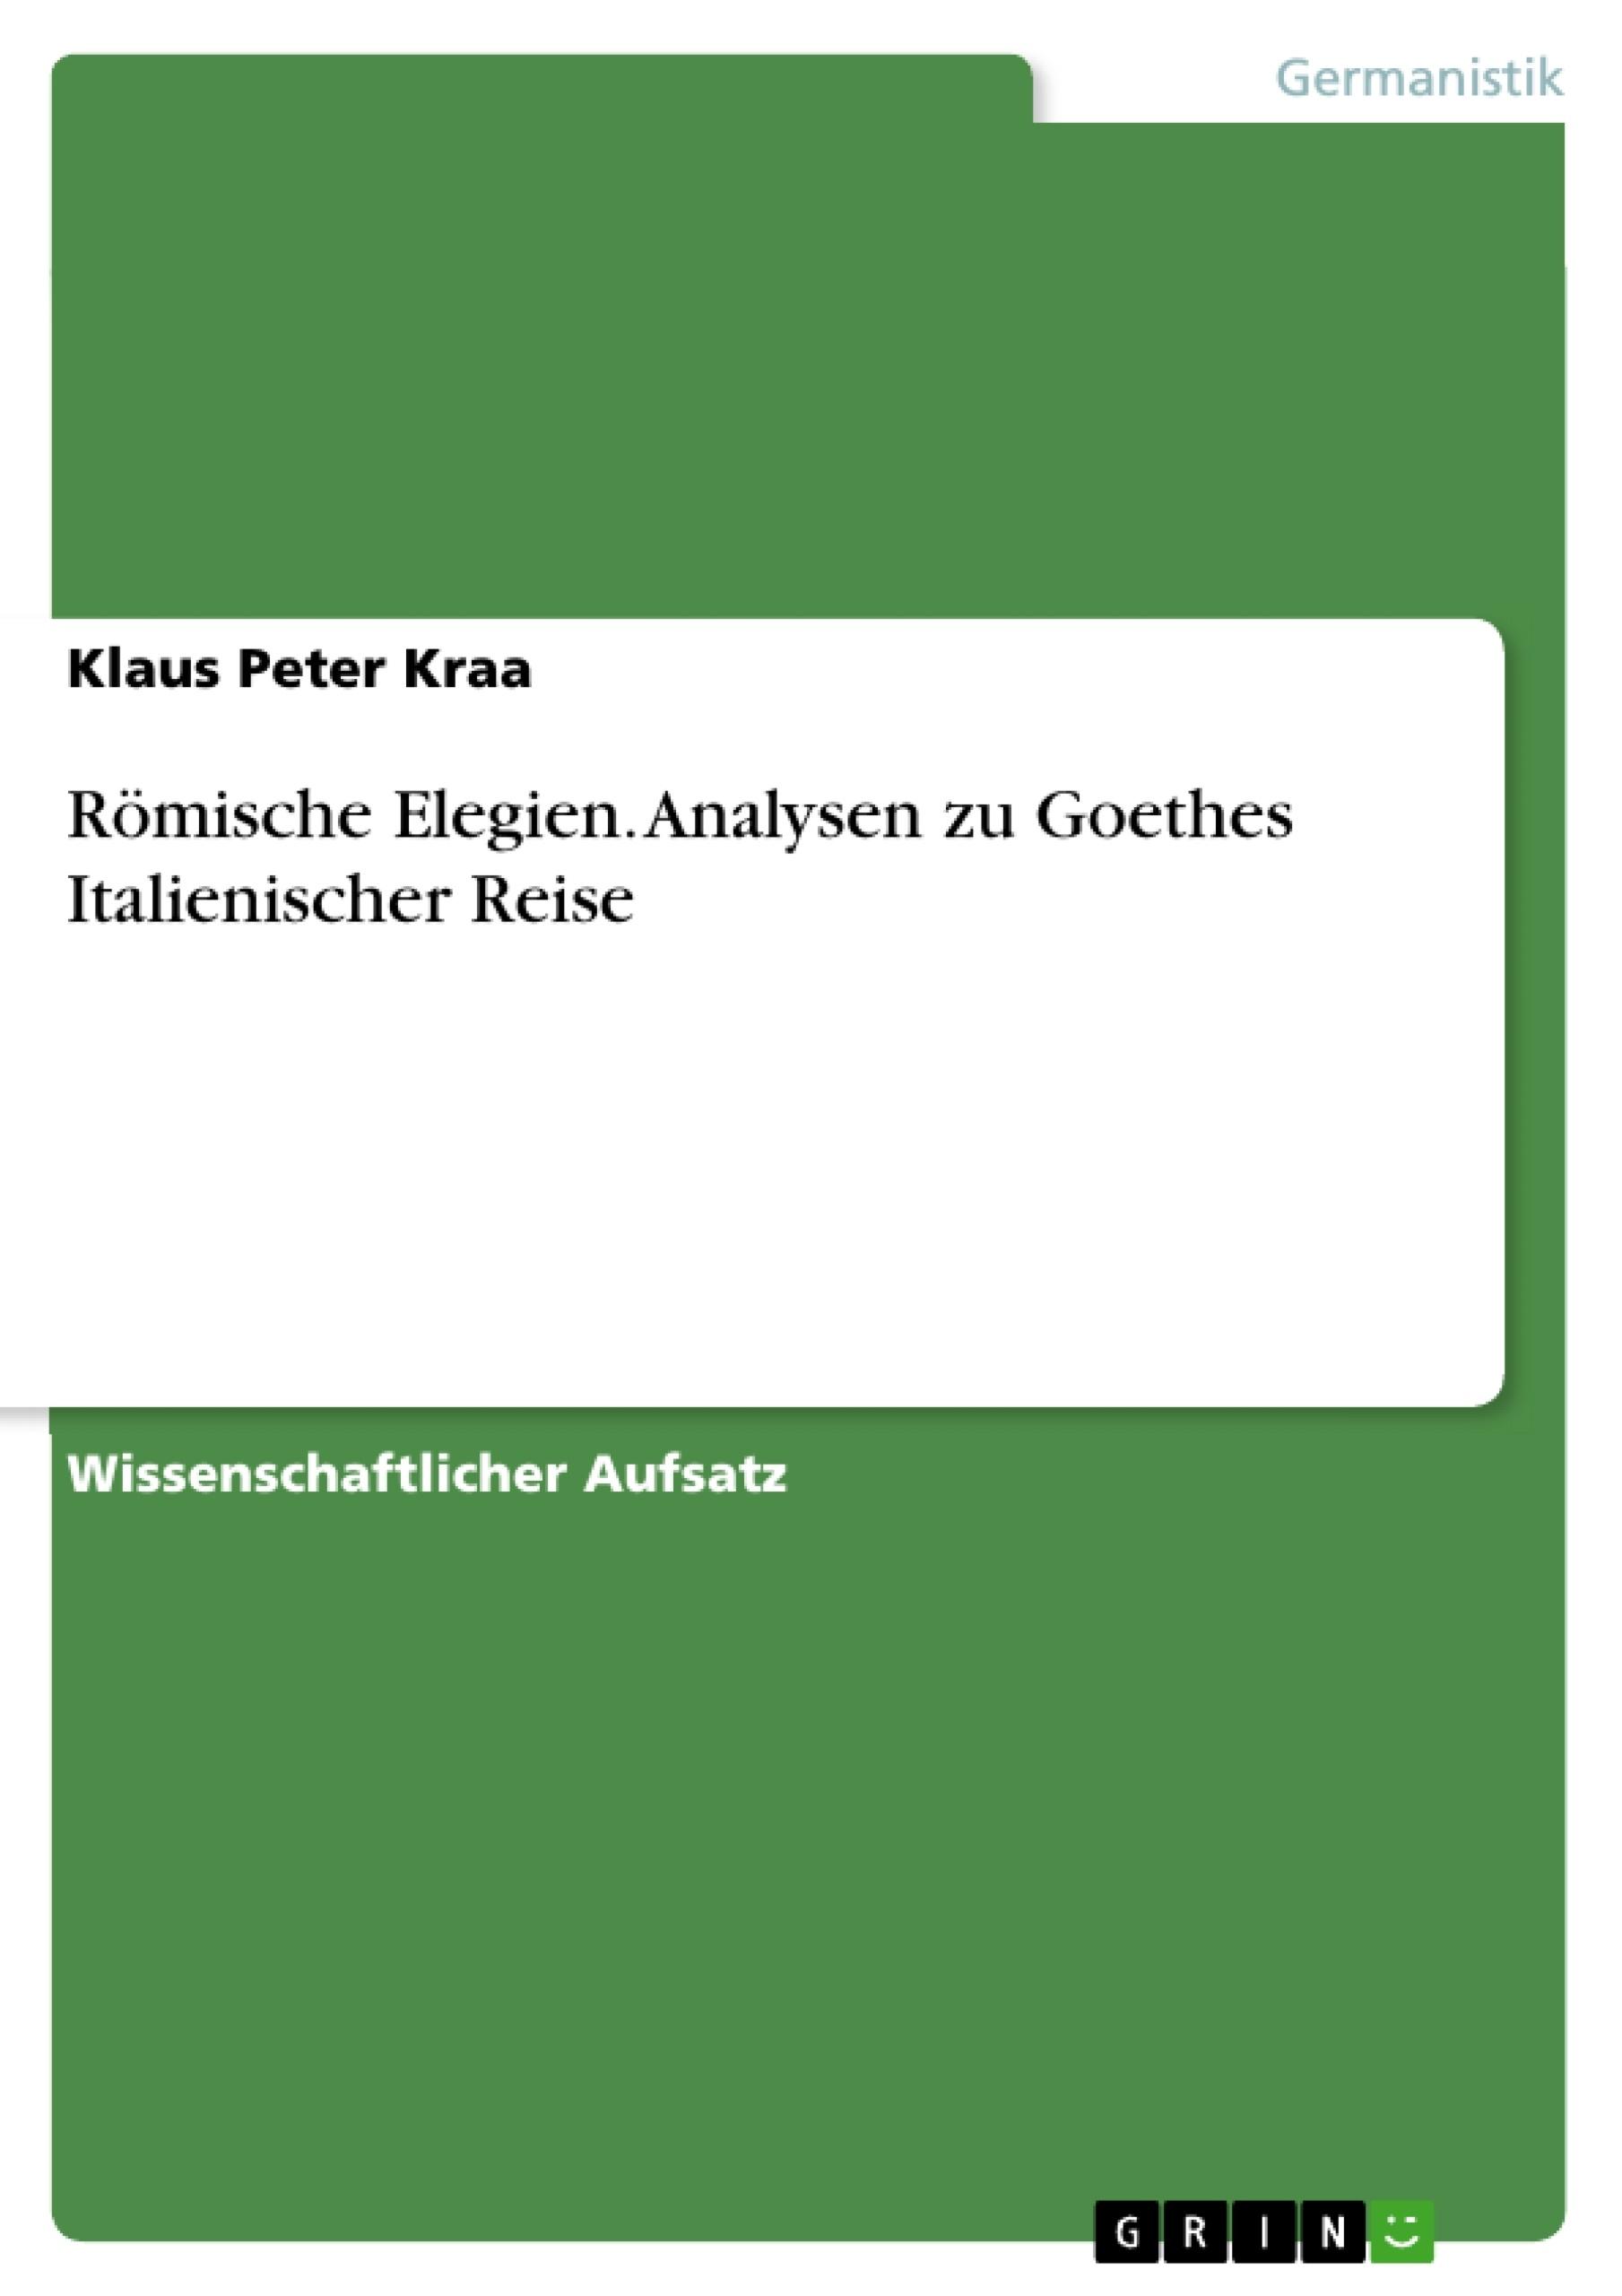 Titel: Römische Elegien. Analysen zu Goethes Italienischer Reise